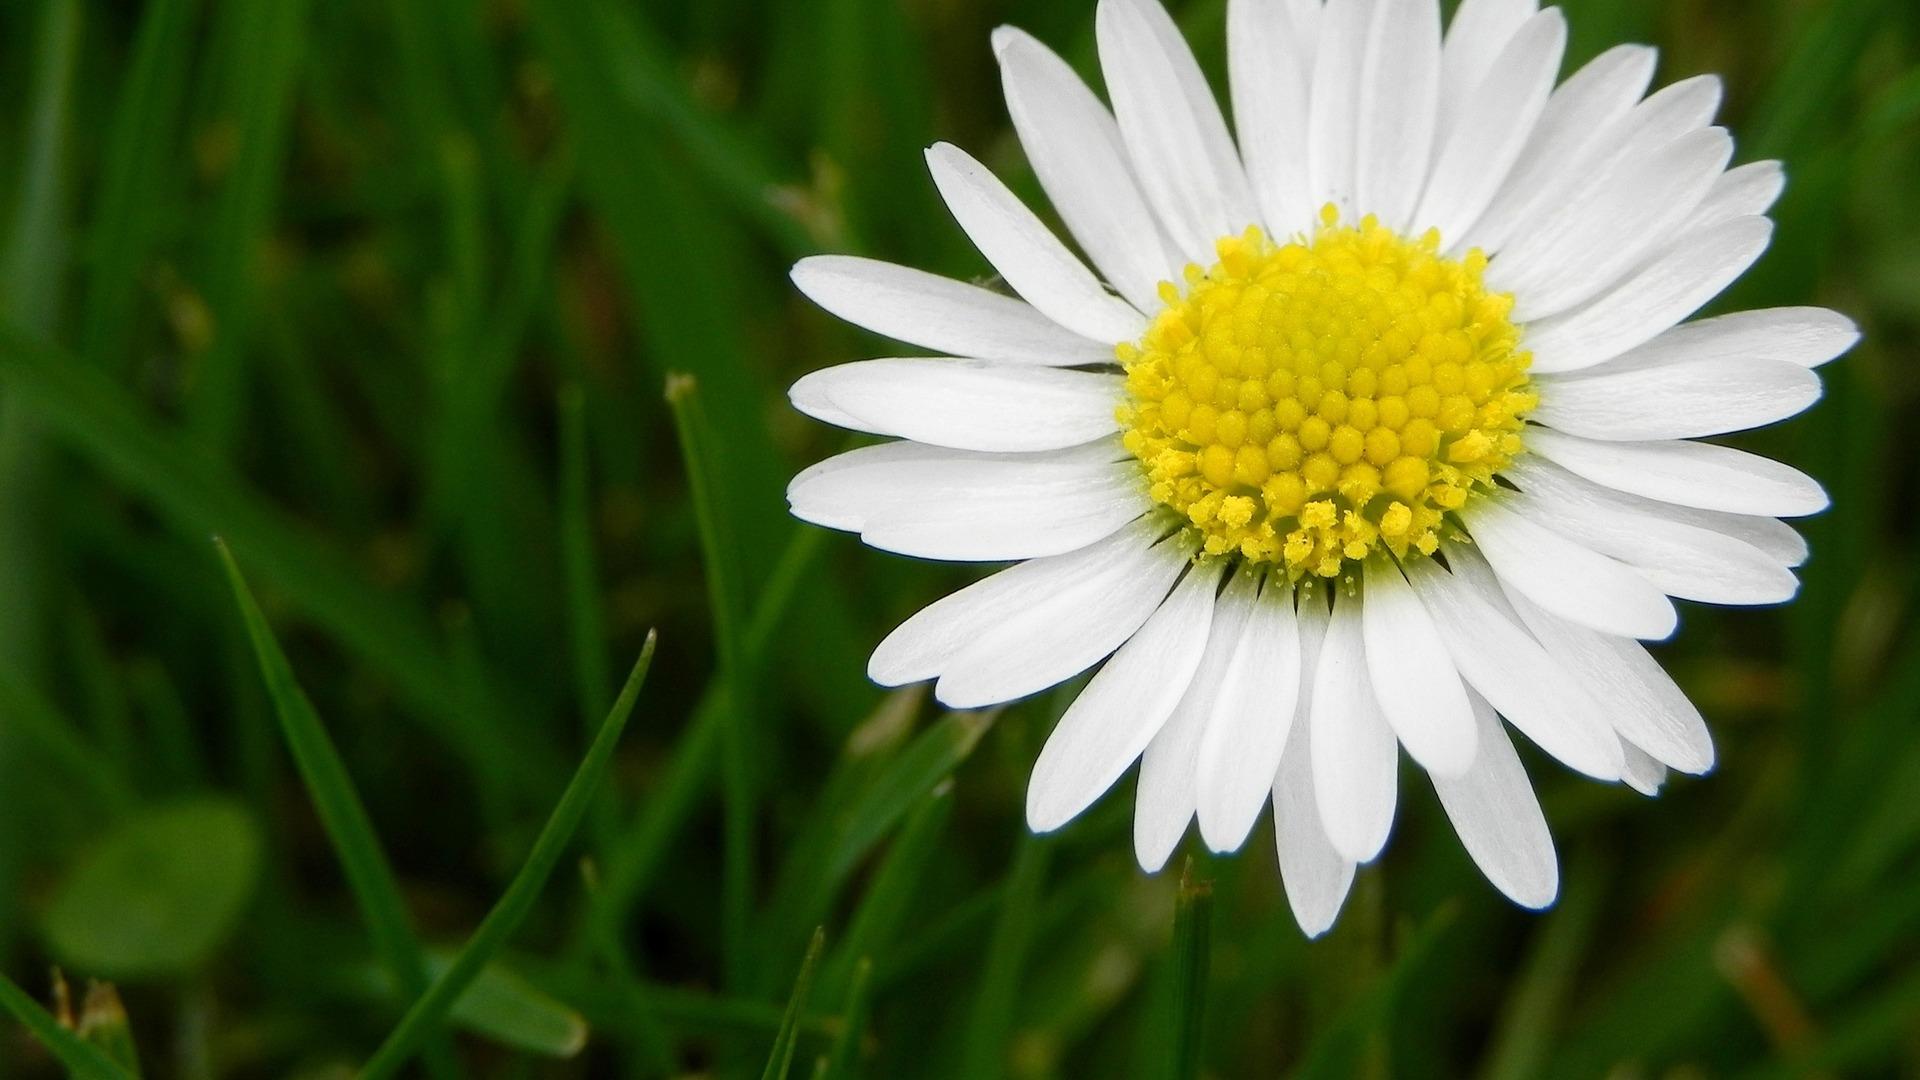 Image for White Daisy Flower Wallpaper HD